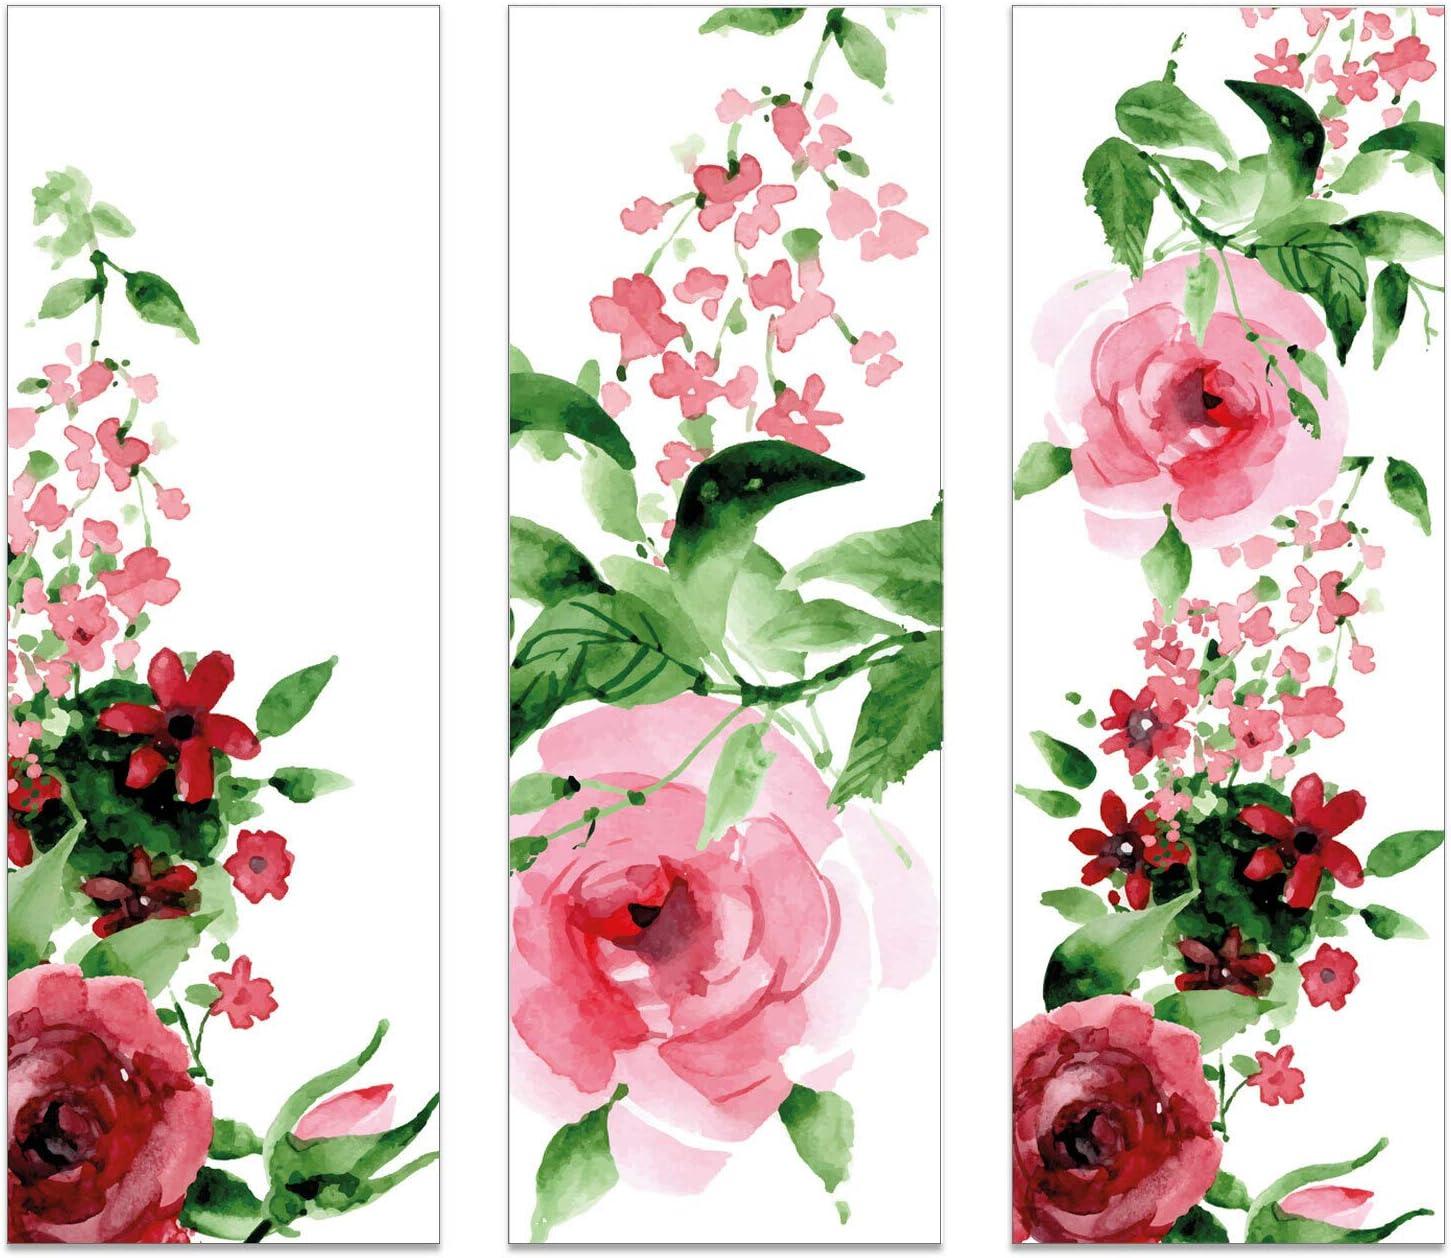 Kinder und Jugendliche I bunt-es Design I dv/_773 12er Set Lesezeichen Aquarell Blumen style I 5,2 x 14,8 cm I 3 Motive aus Papier I R/ückseite blanko I f/ür Frauen